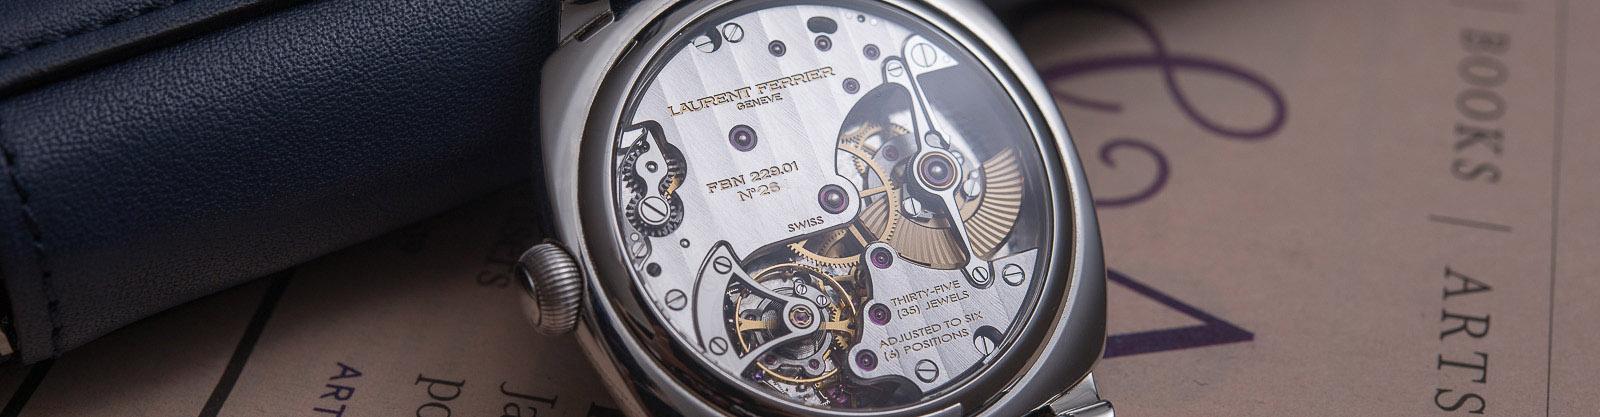 Купить часы в Мюнхене, Гамбурге